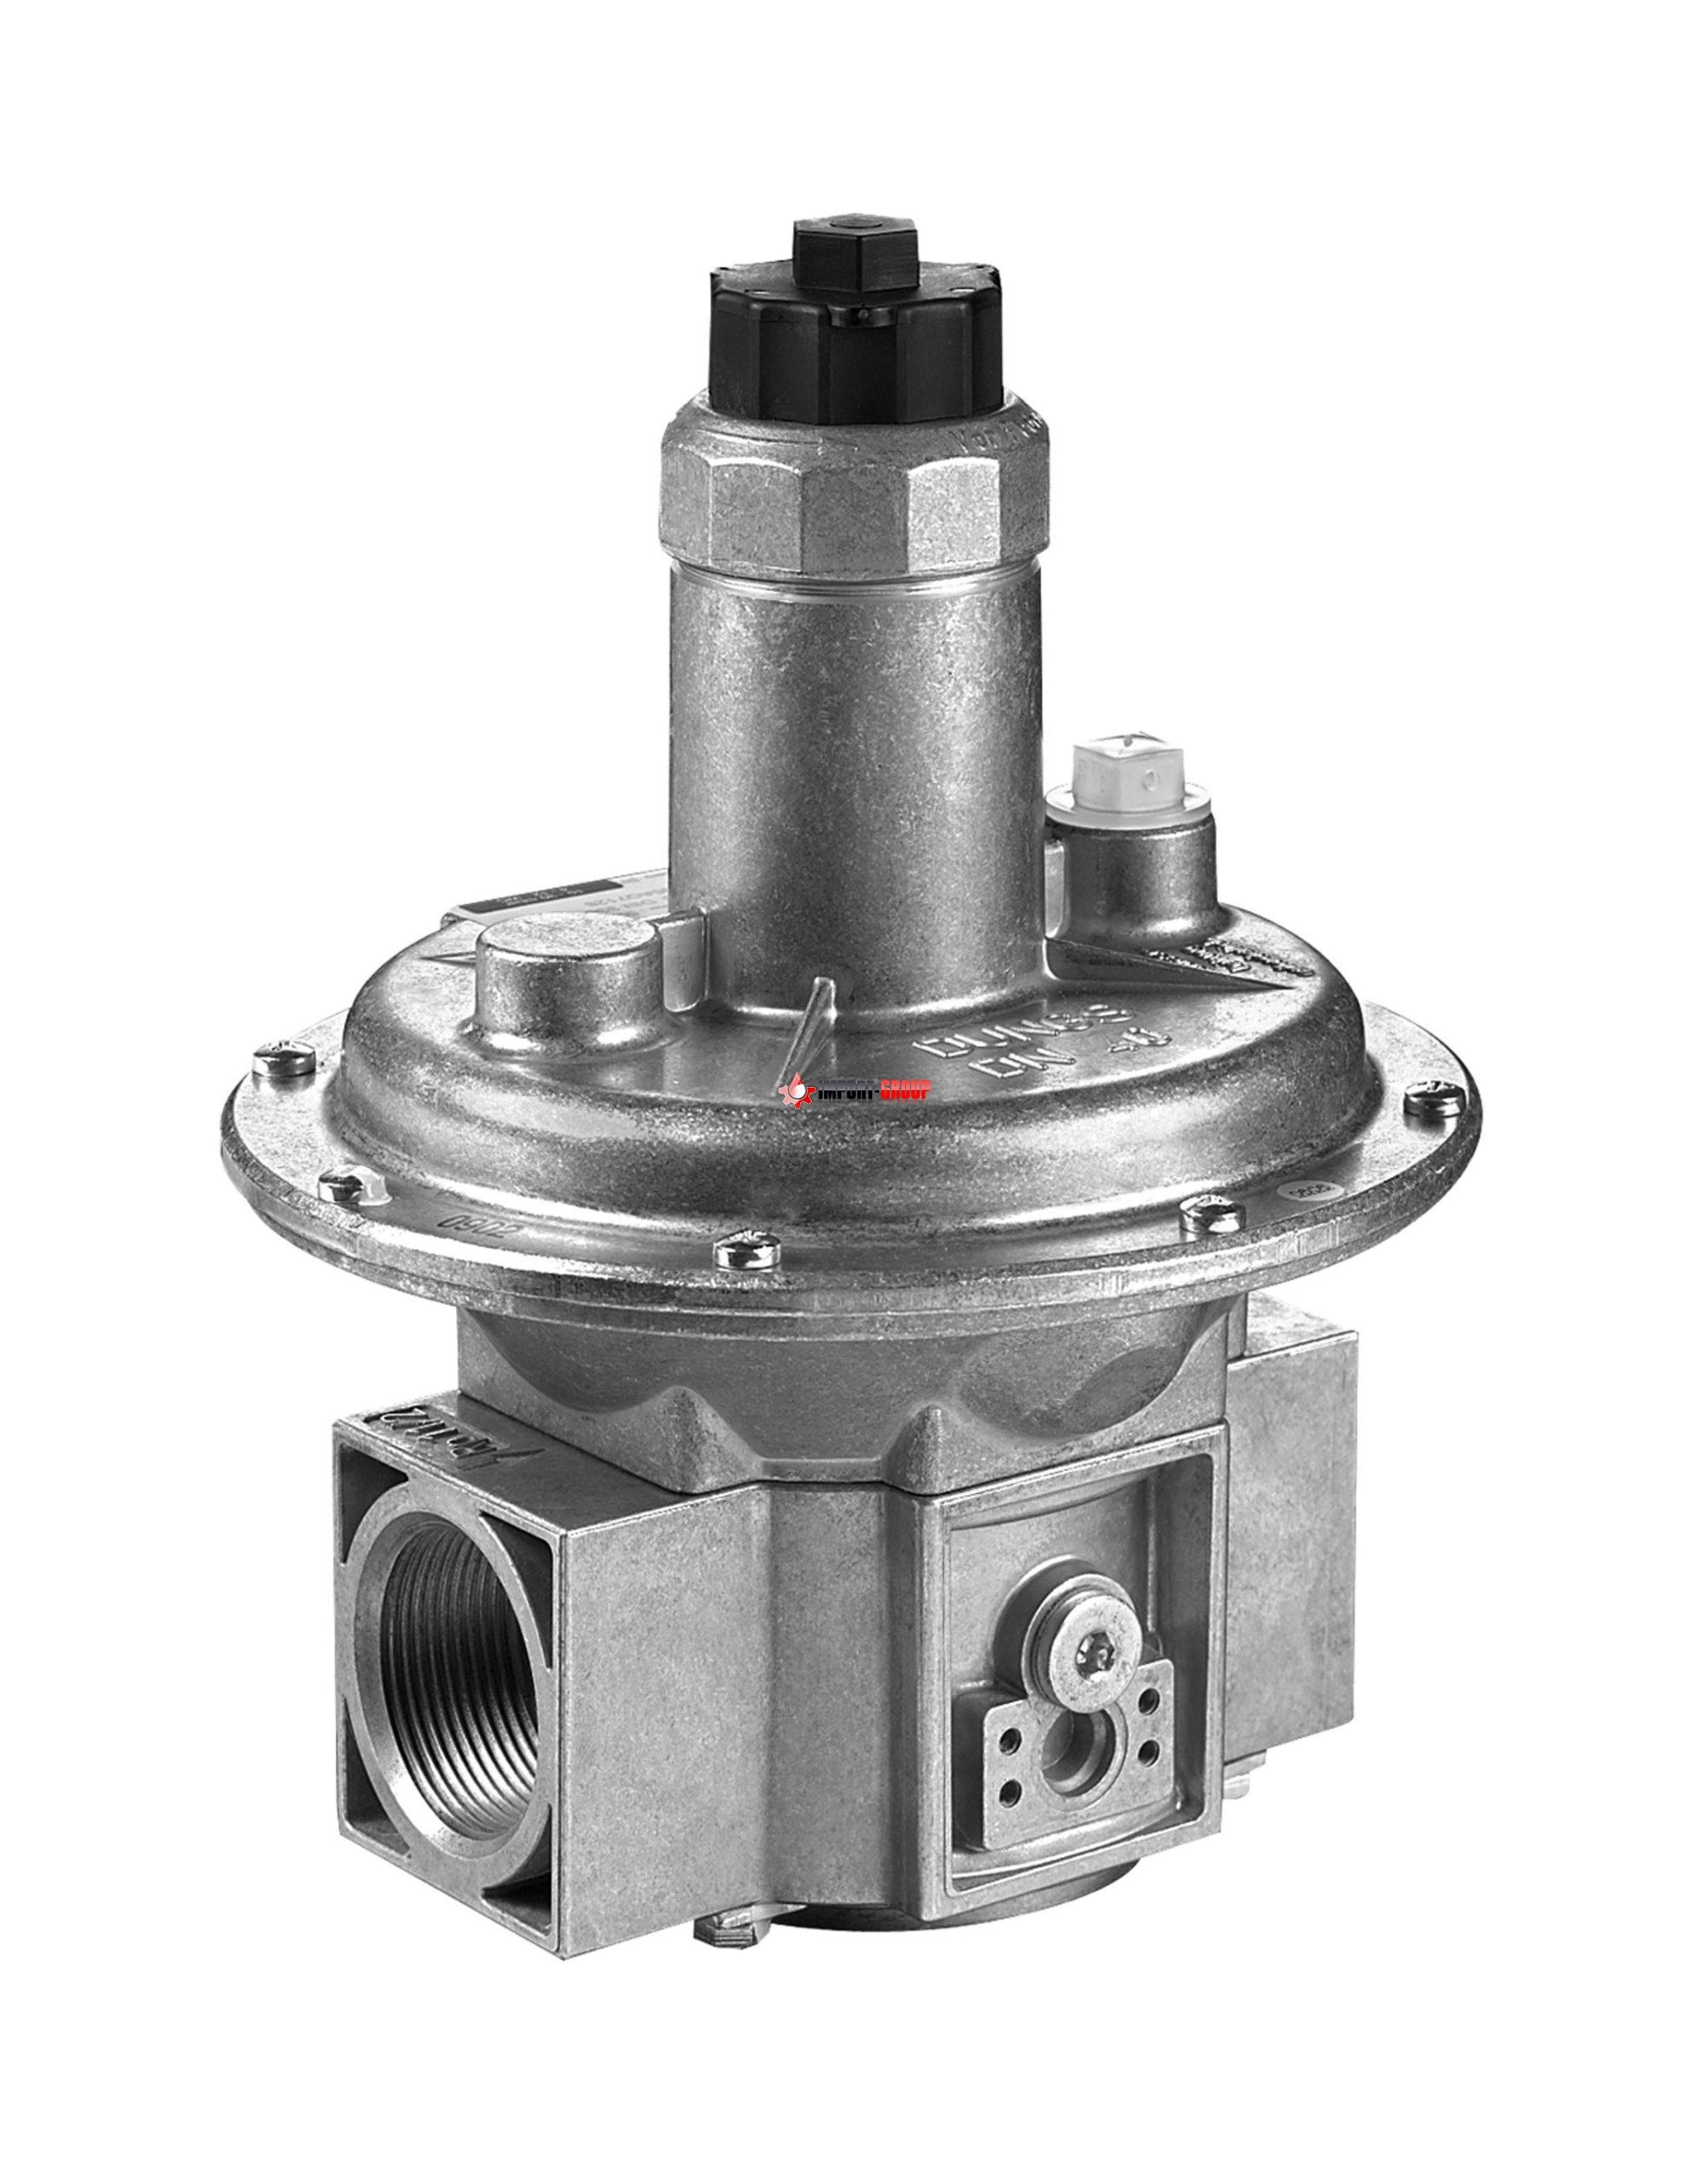 Регулятор давления газа FRS 5150 DN 150 PN 16 с пружиной и соединительными деталями